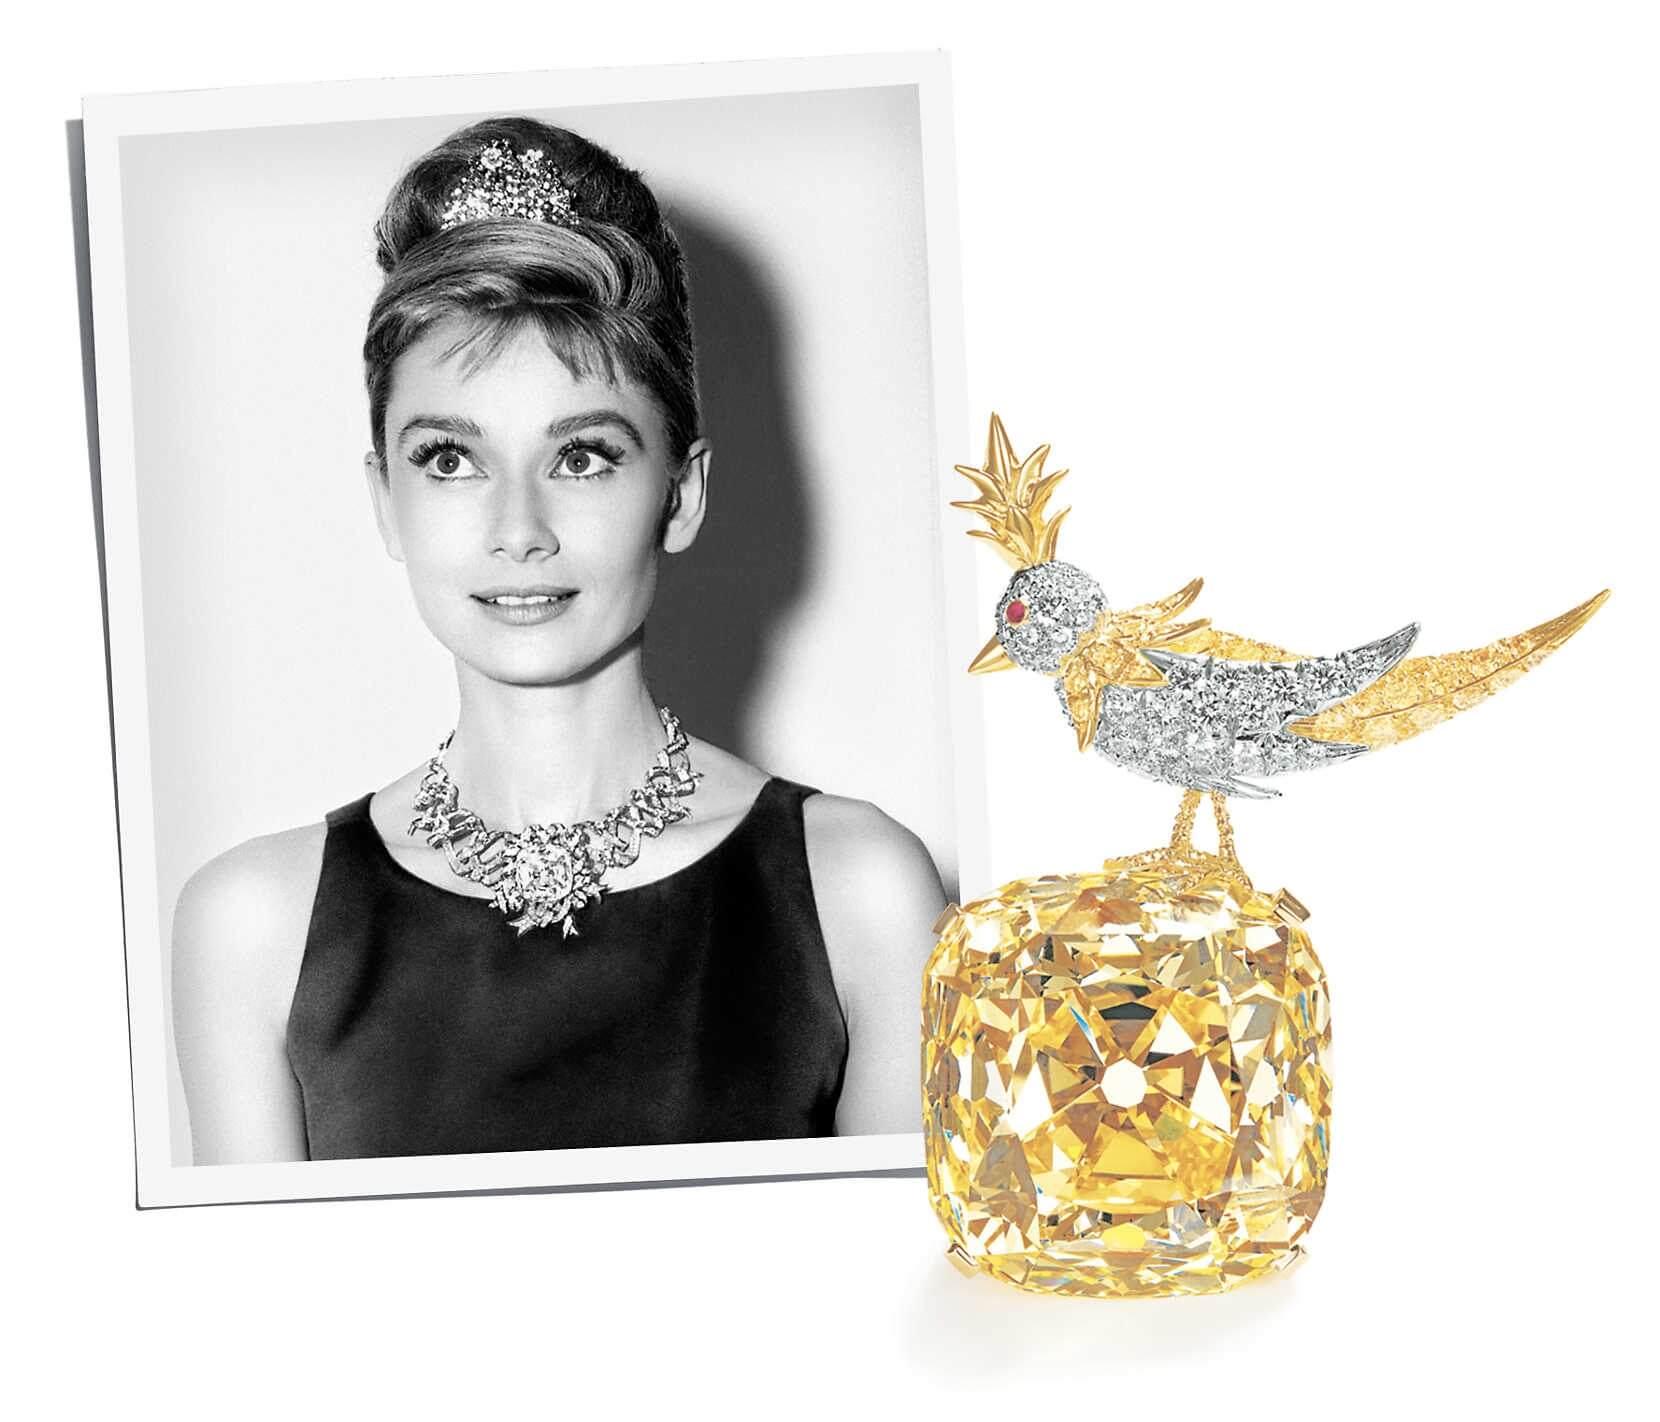 """柯德莉夏萍在電影《珠光寶氣》的造型,以及著名珠寶設計師Jean Michel Schlumberger為她設計了""""Ribbon Rosette""""項鏈。"""